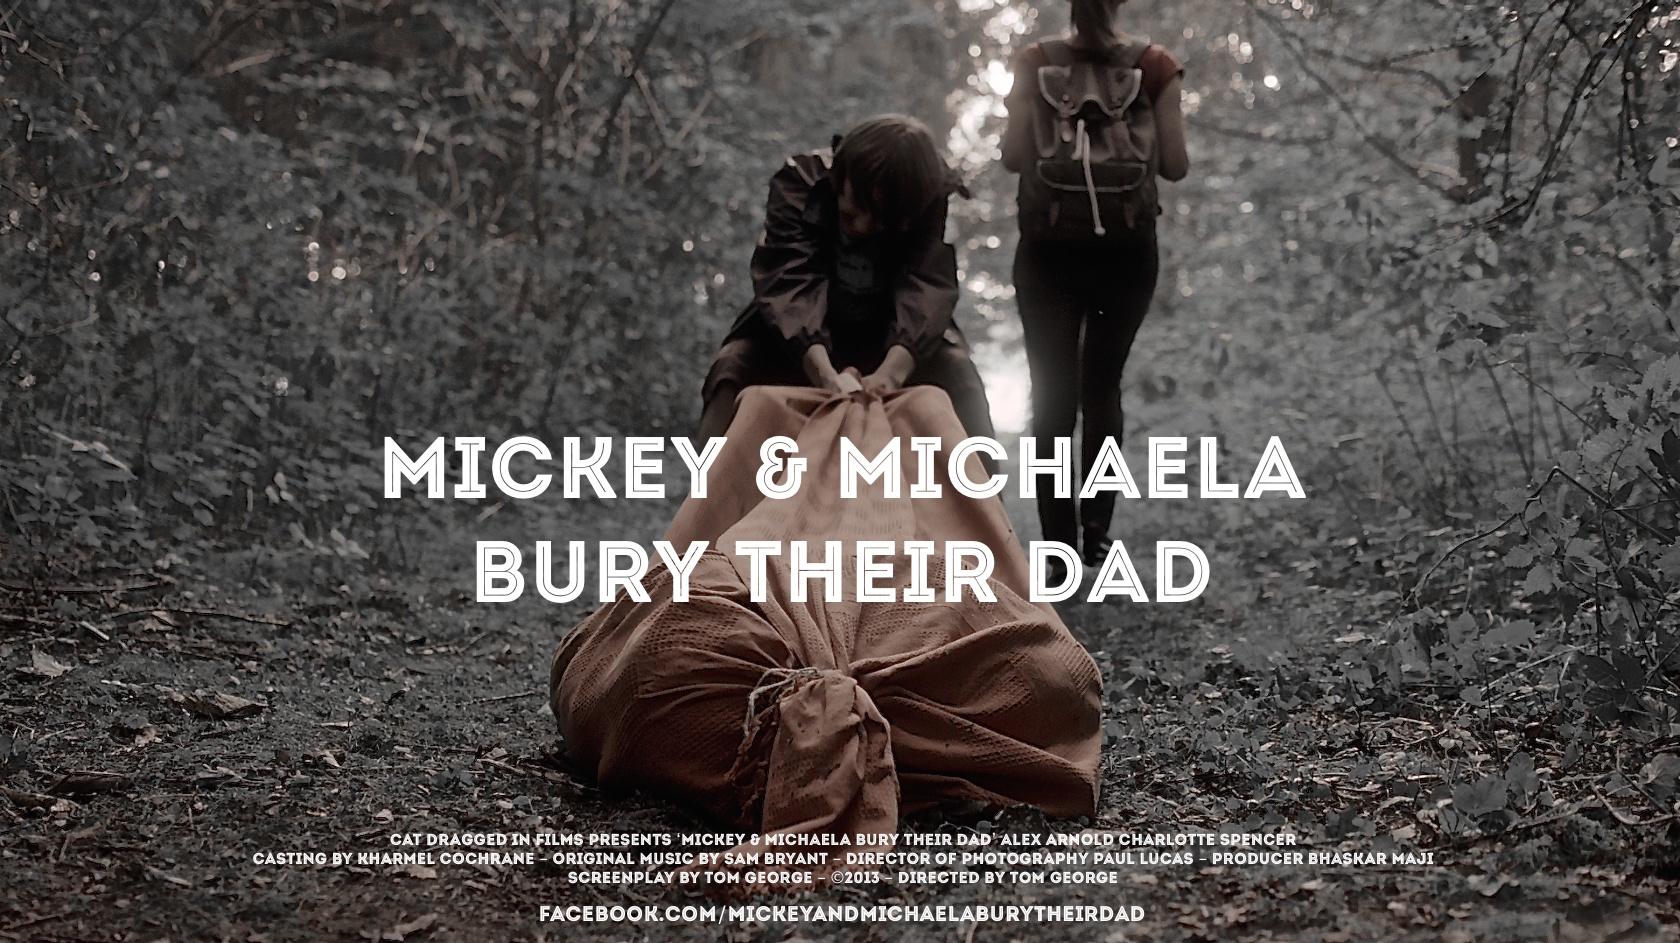 Mickey & Michaela Bury Their Dad (2013) - IMDb